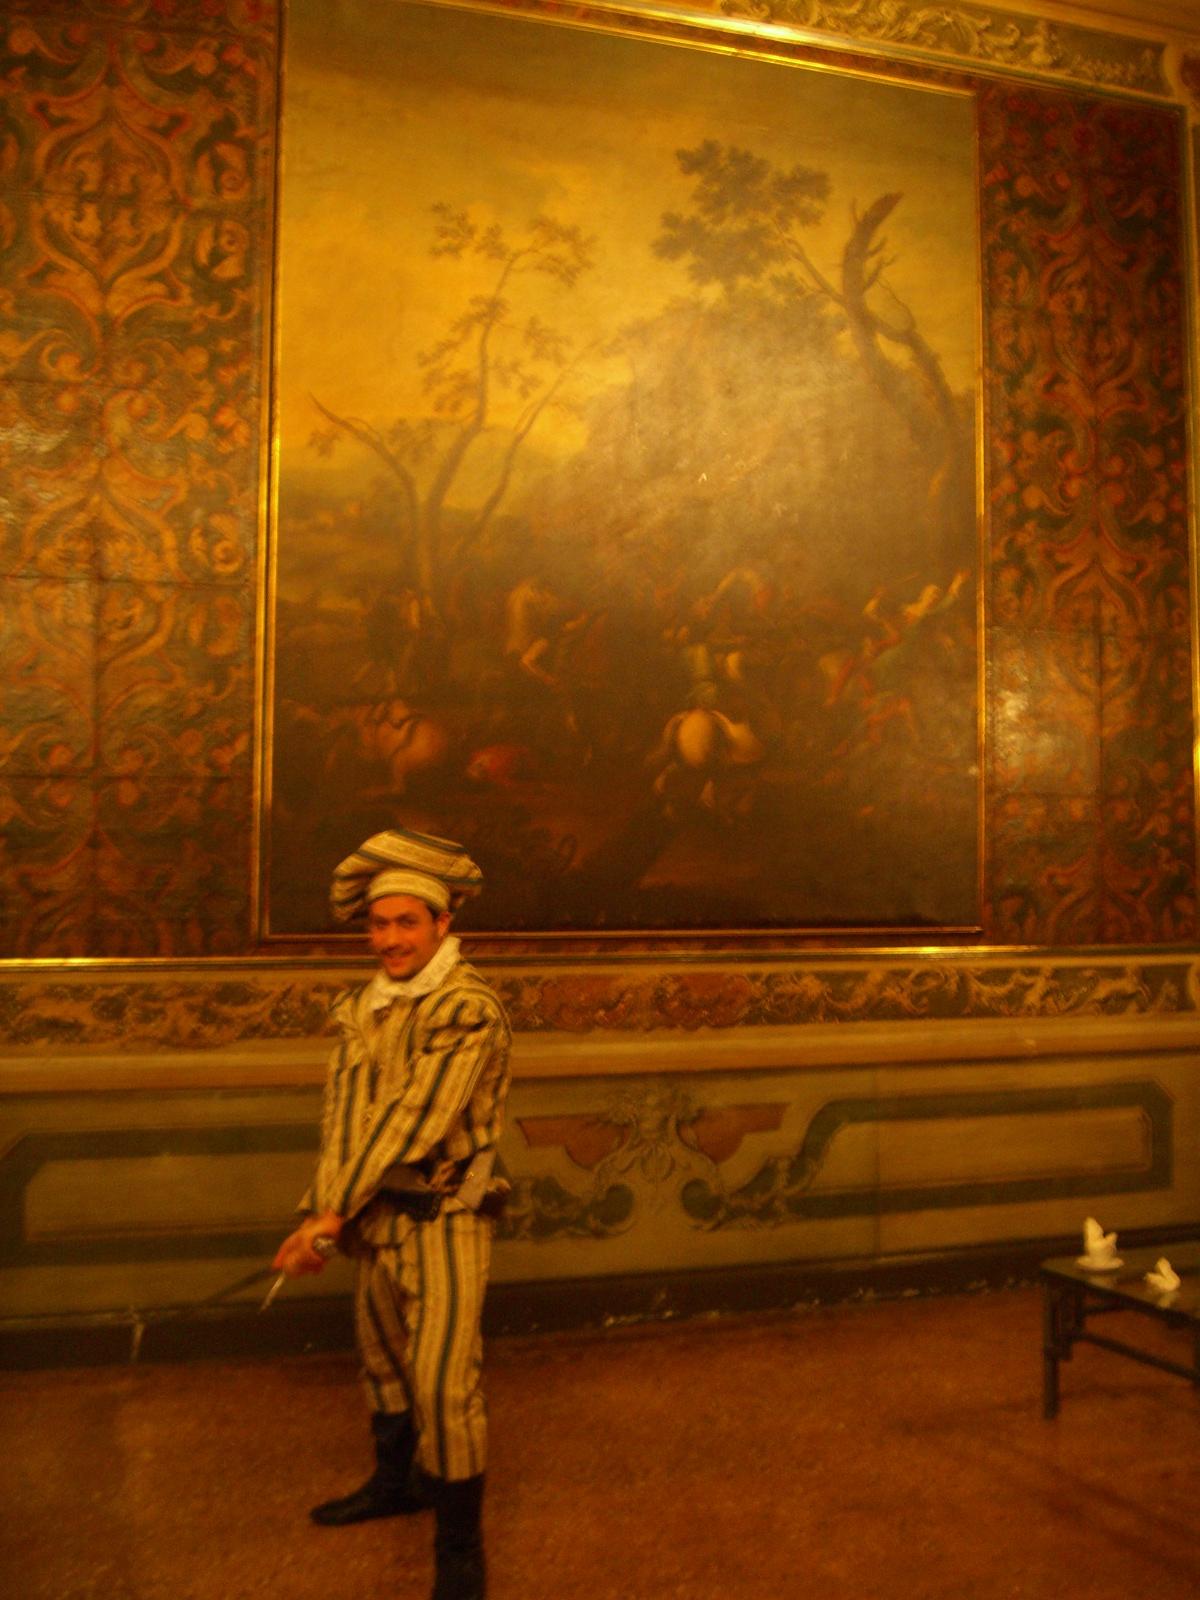 qua ero dentro al casinò di venezia...il più antico d' europa!! ^__^